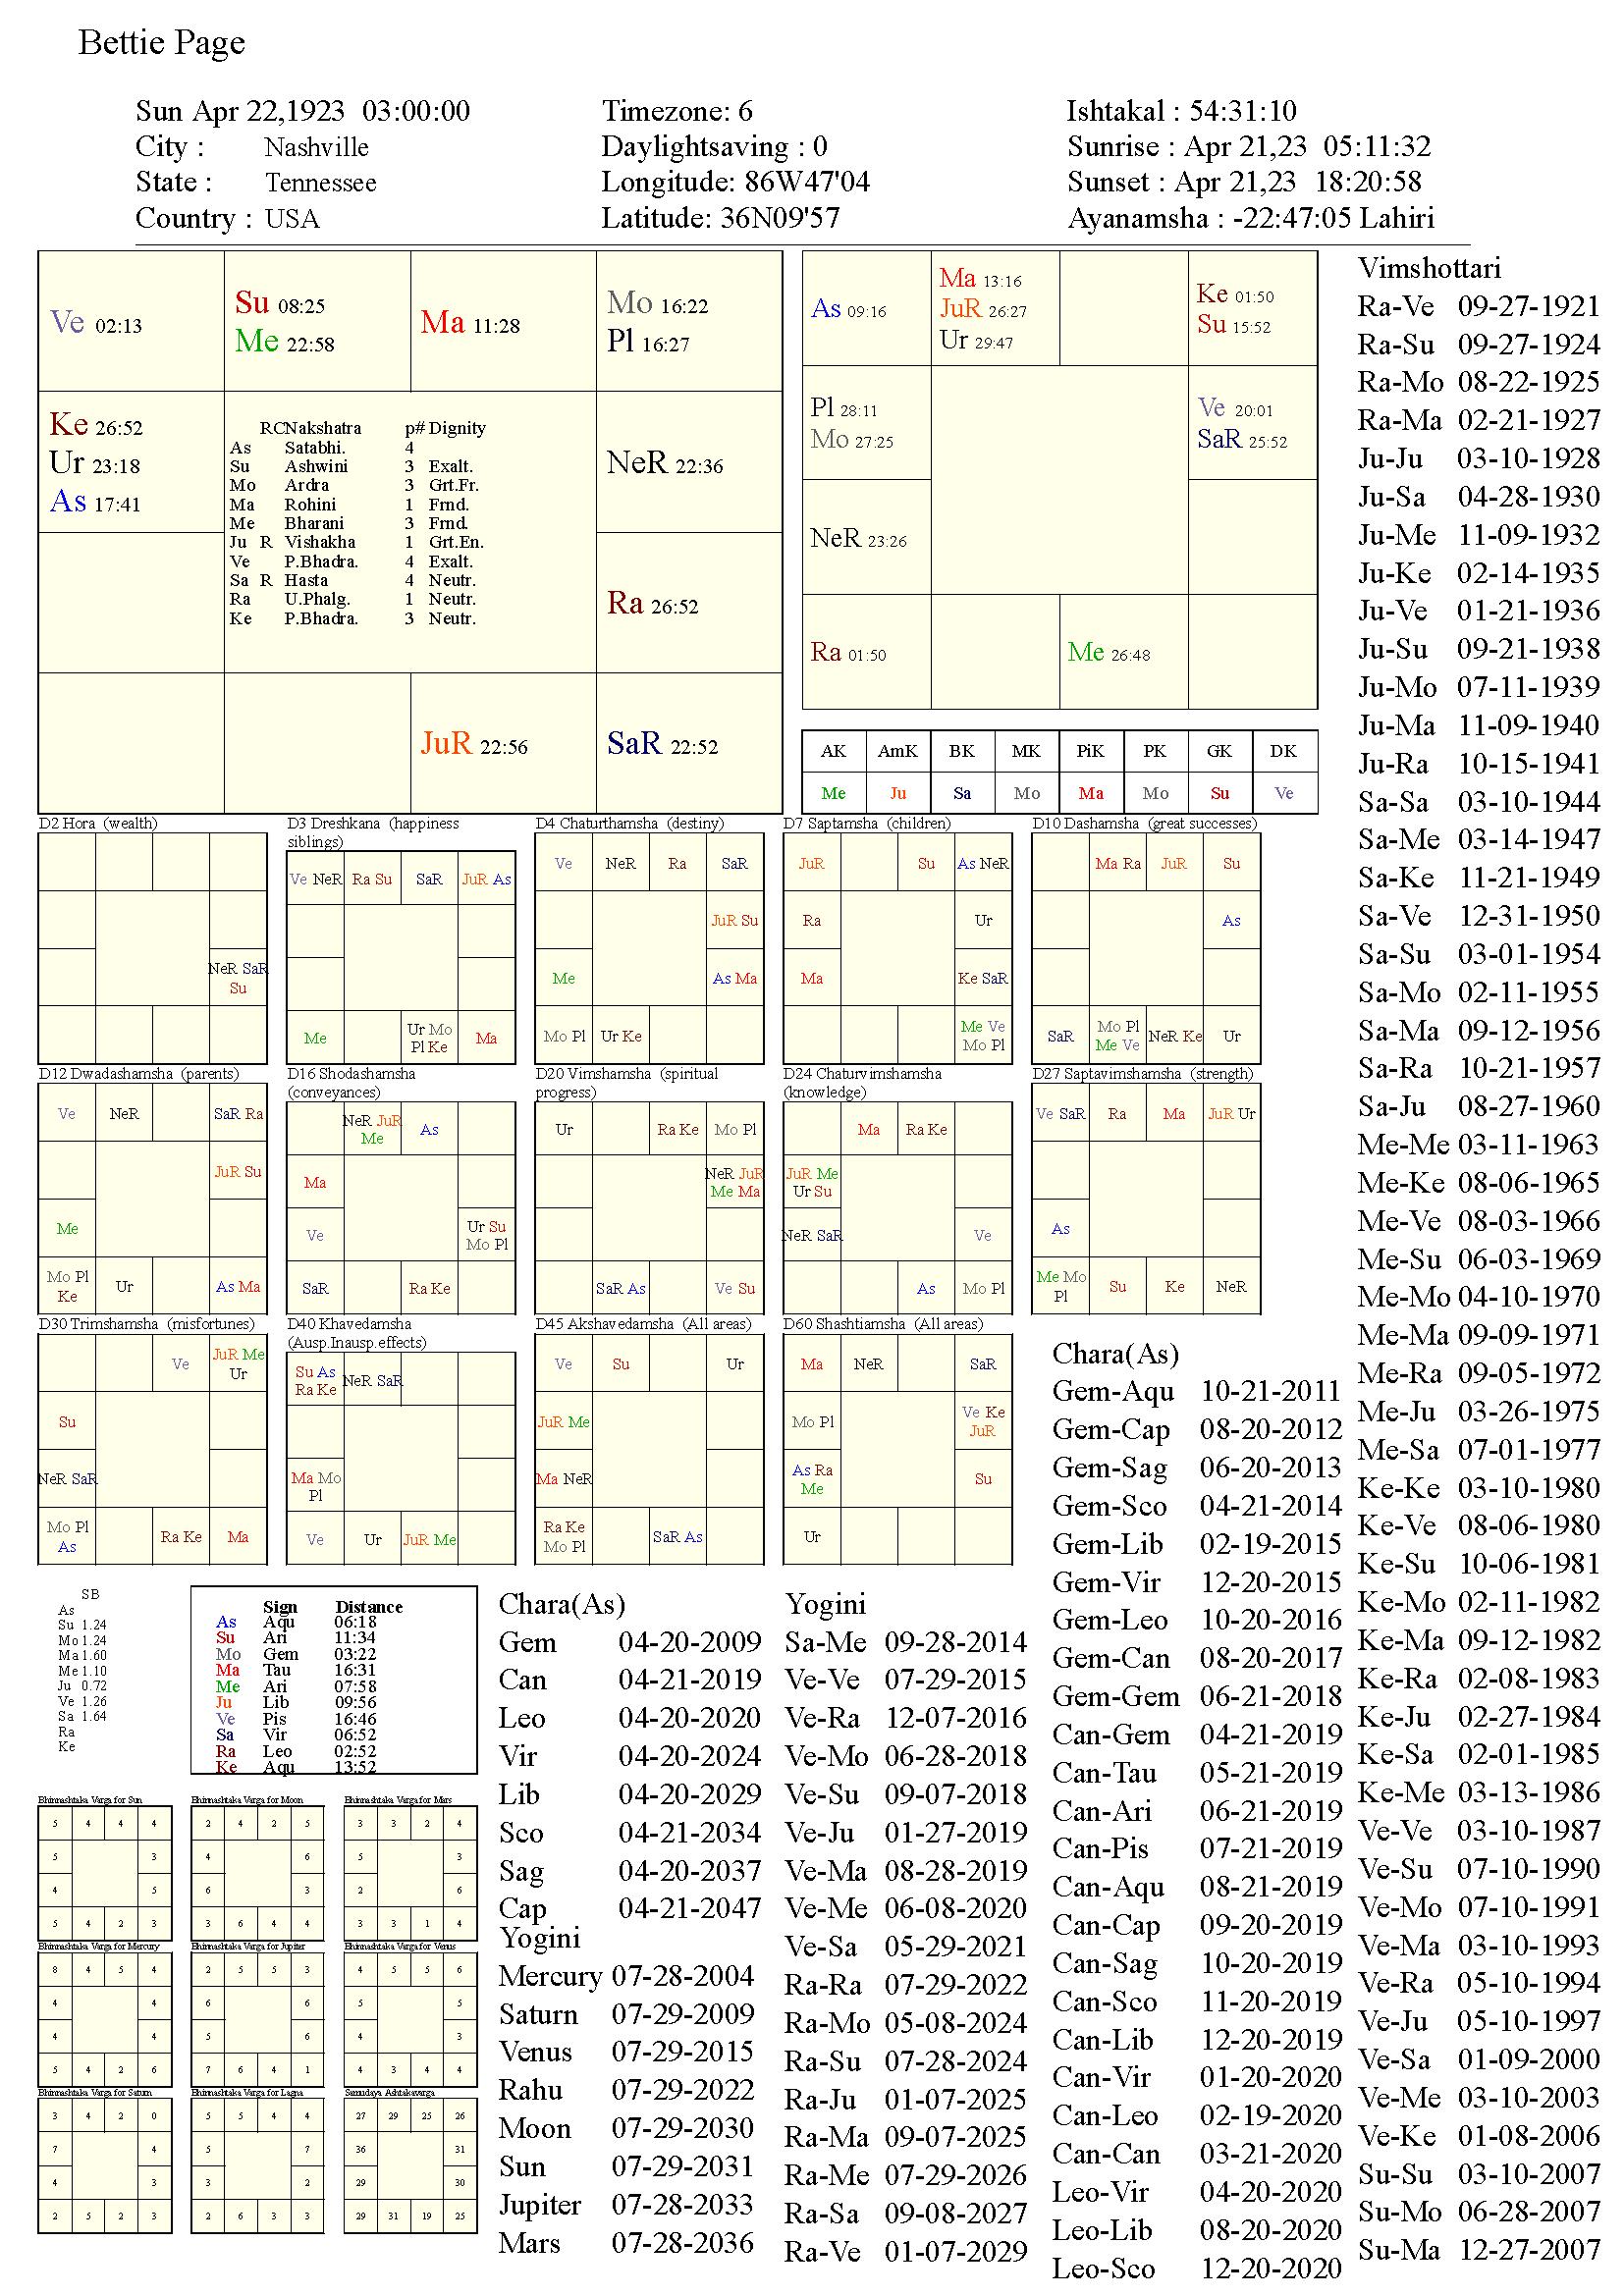 bettiepage_chart